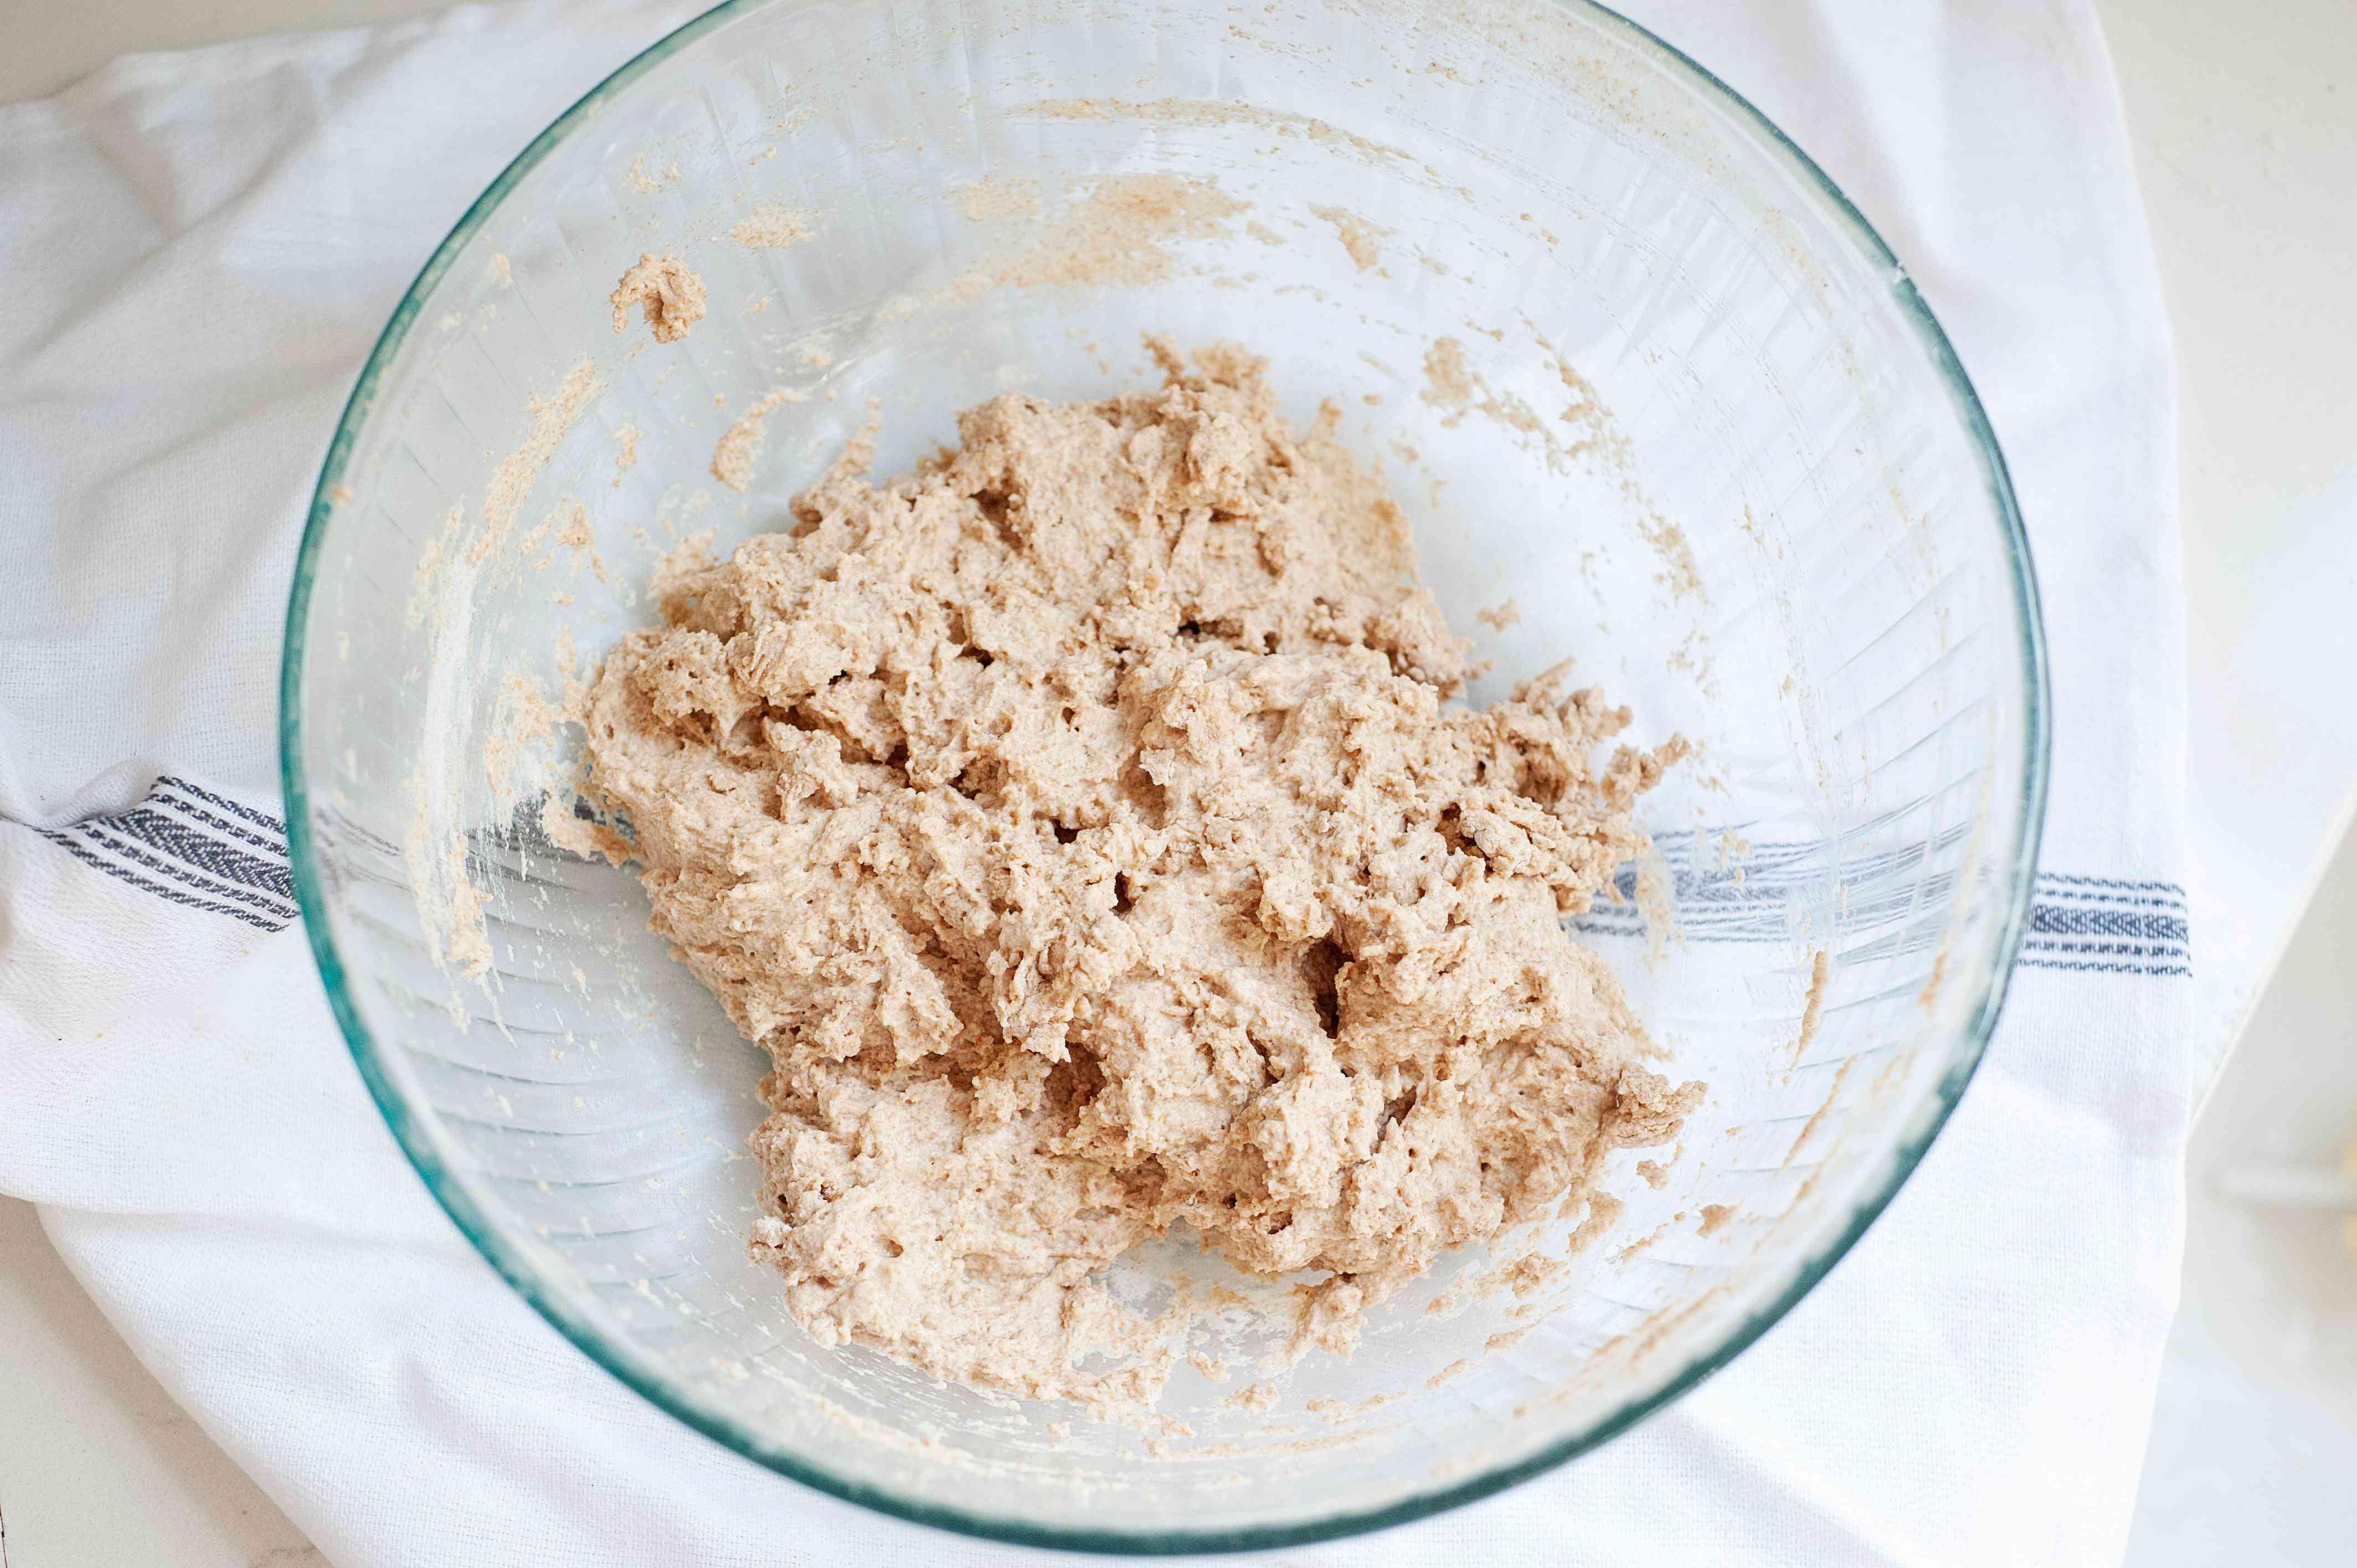 Dough in a glass bowl to make Kicha (Eritrean Flatbread).